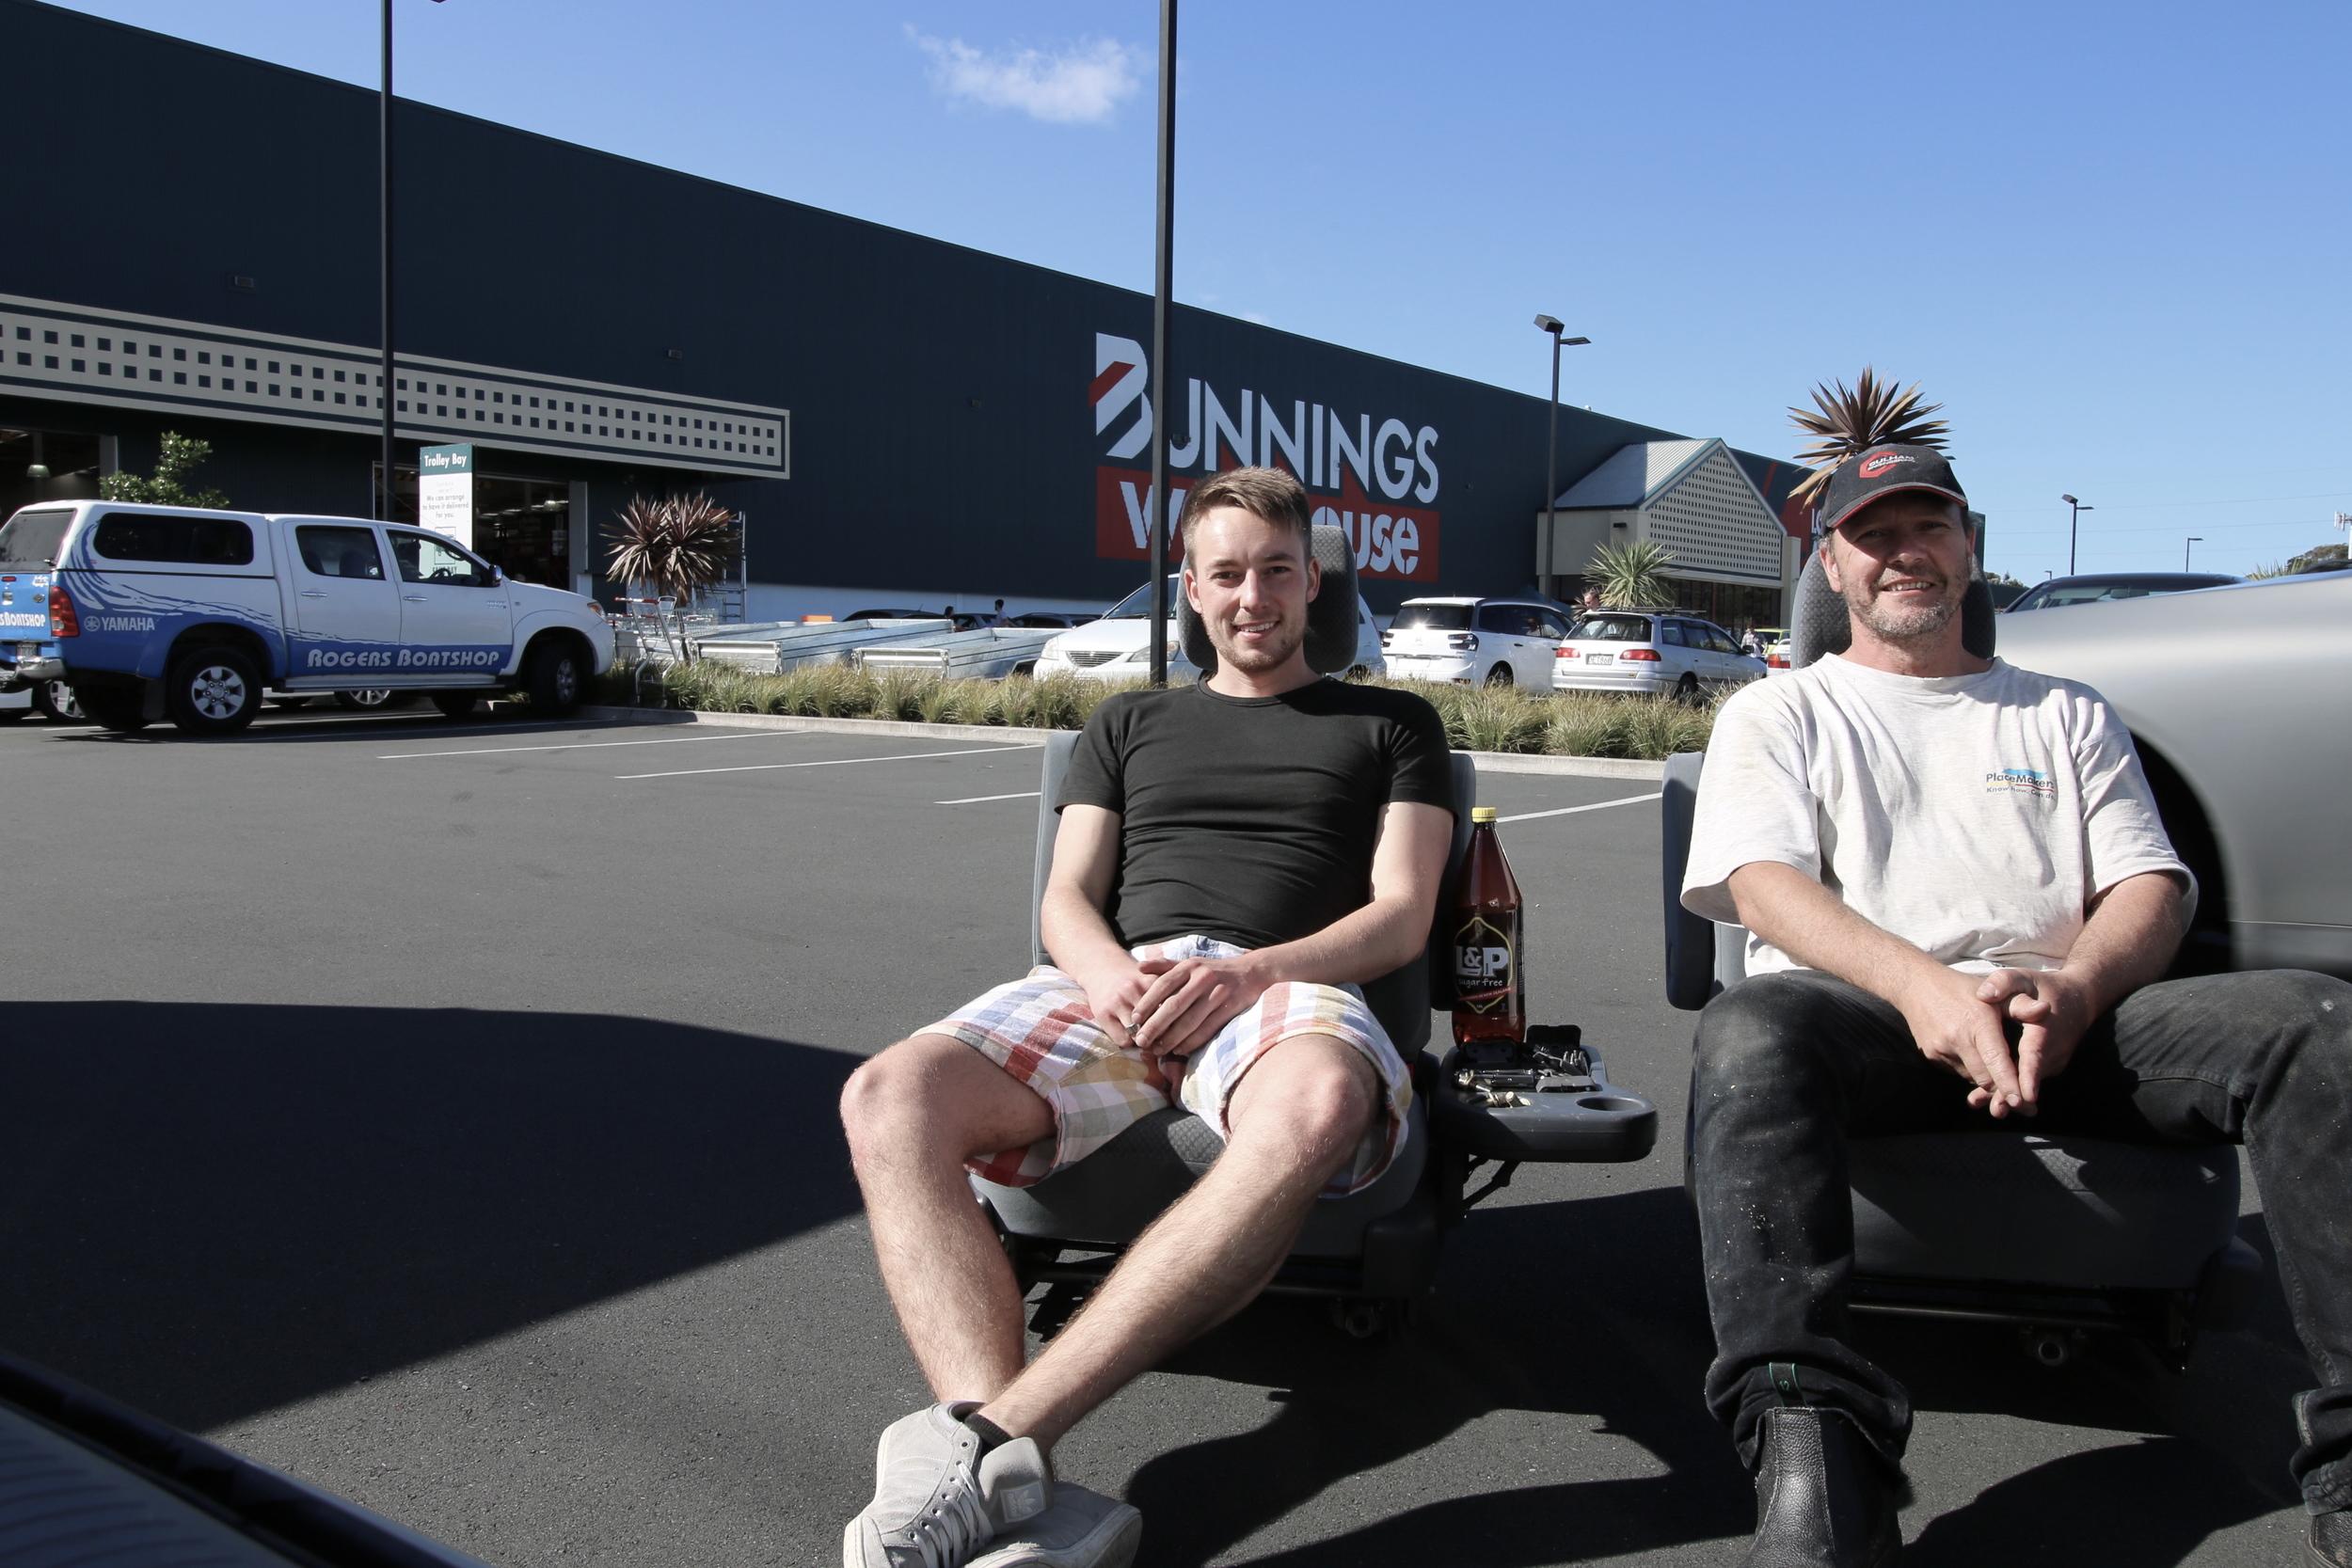 Marc und ich bei Bunnings auf dem Parkplatz